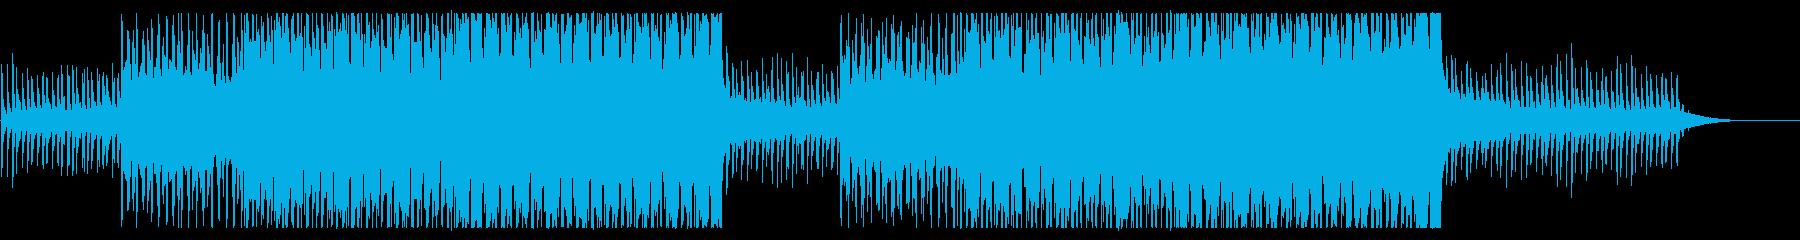 企業VP 最新鋭エレクトロポップ Aの再生済みの波形